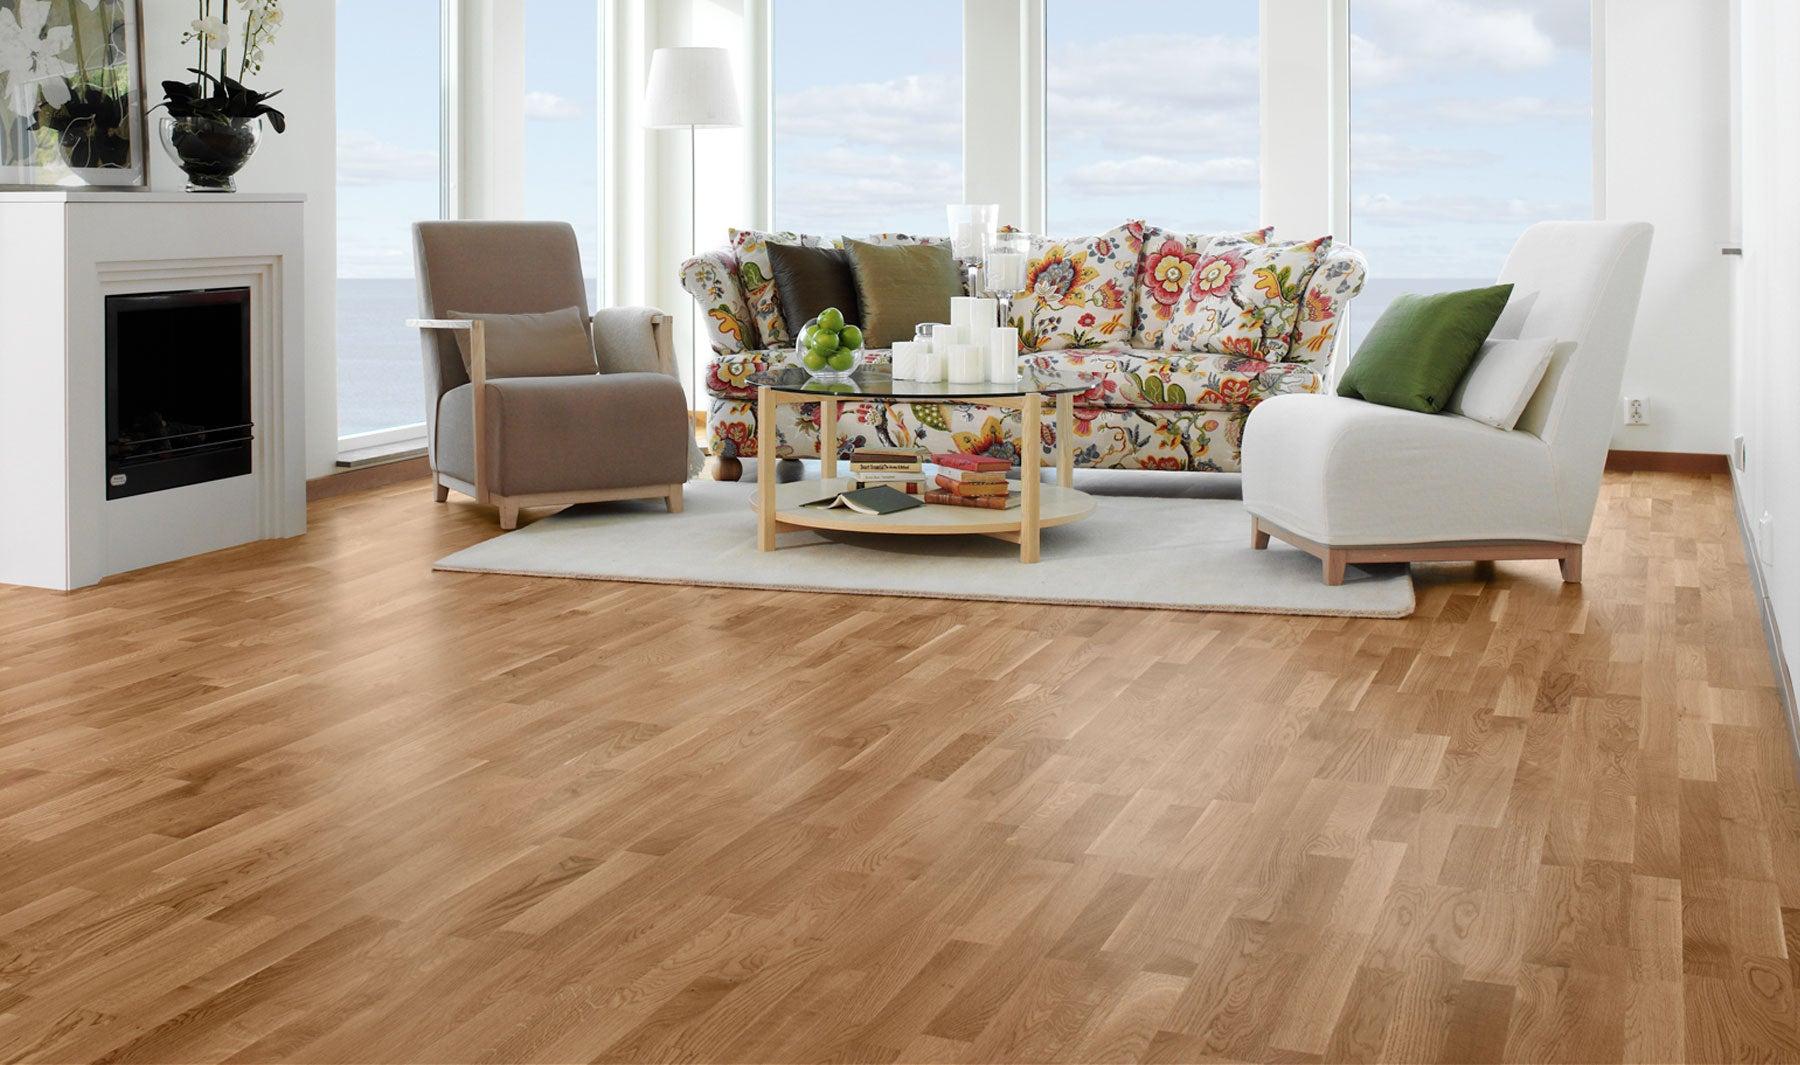 Consejos para proteger los suelos de madera